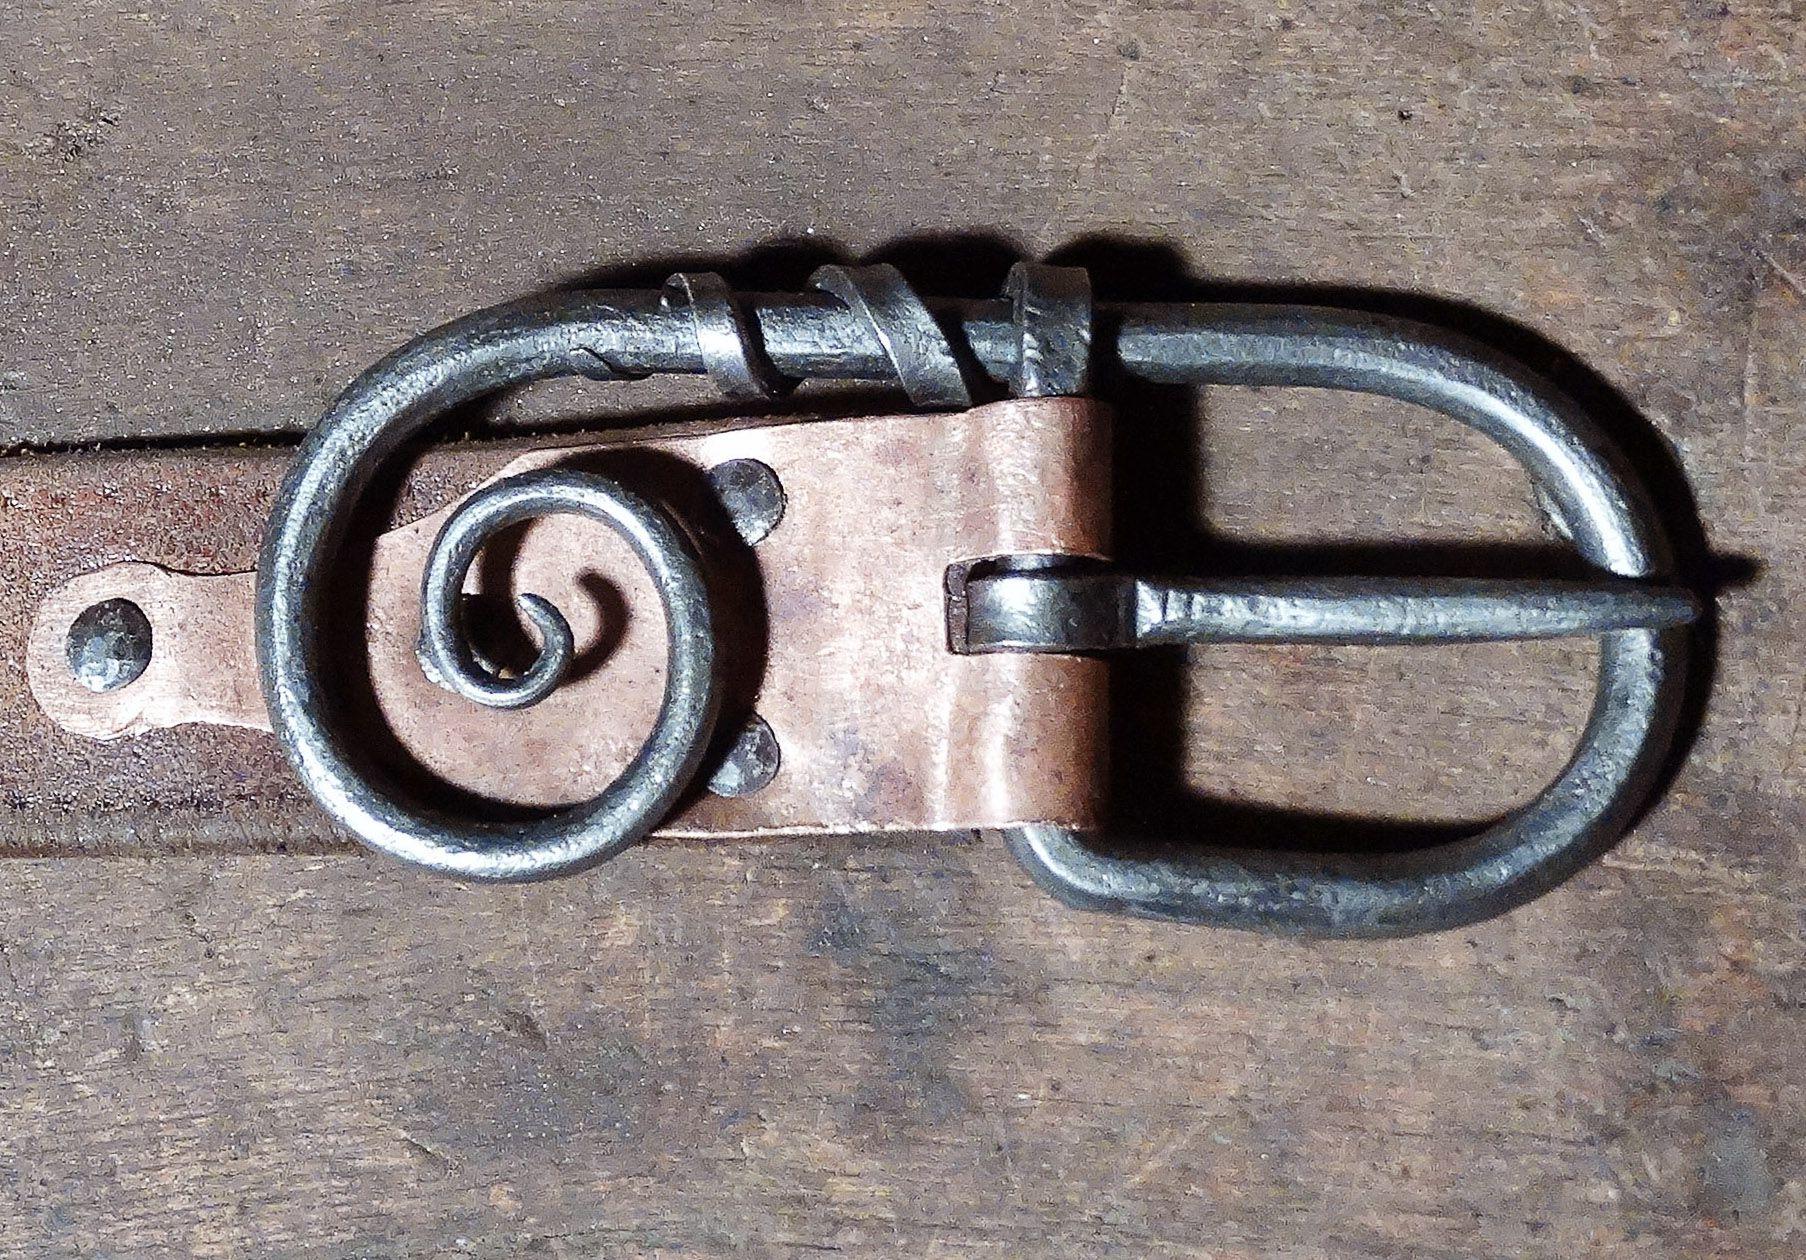 Couleurs variées Achat avant-garde de l'époque Boucle de ceinture. | ferronerie, archerie etc | Boucle de ...